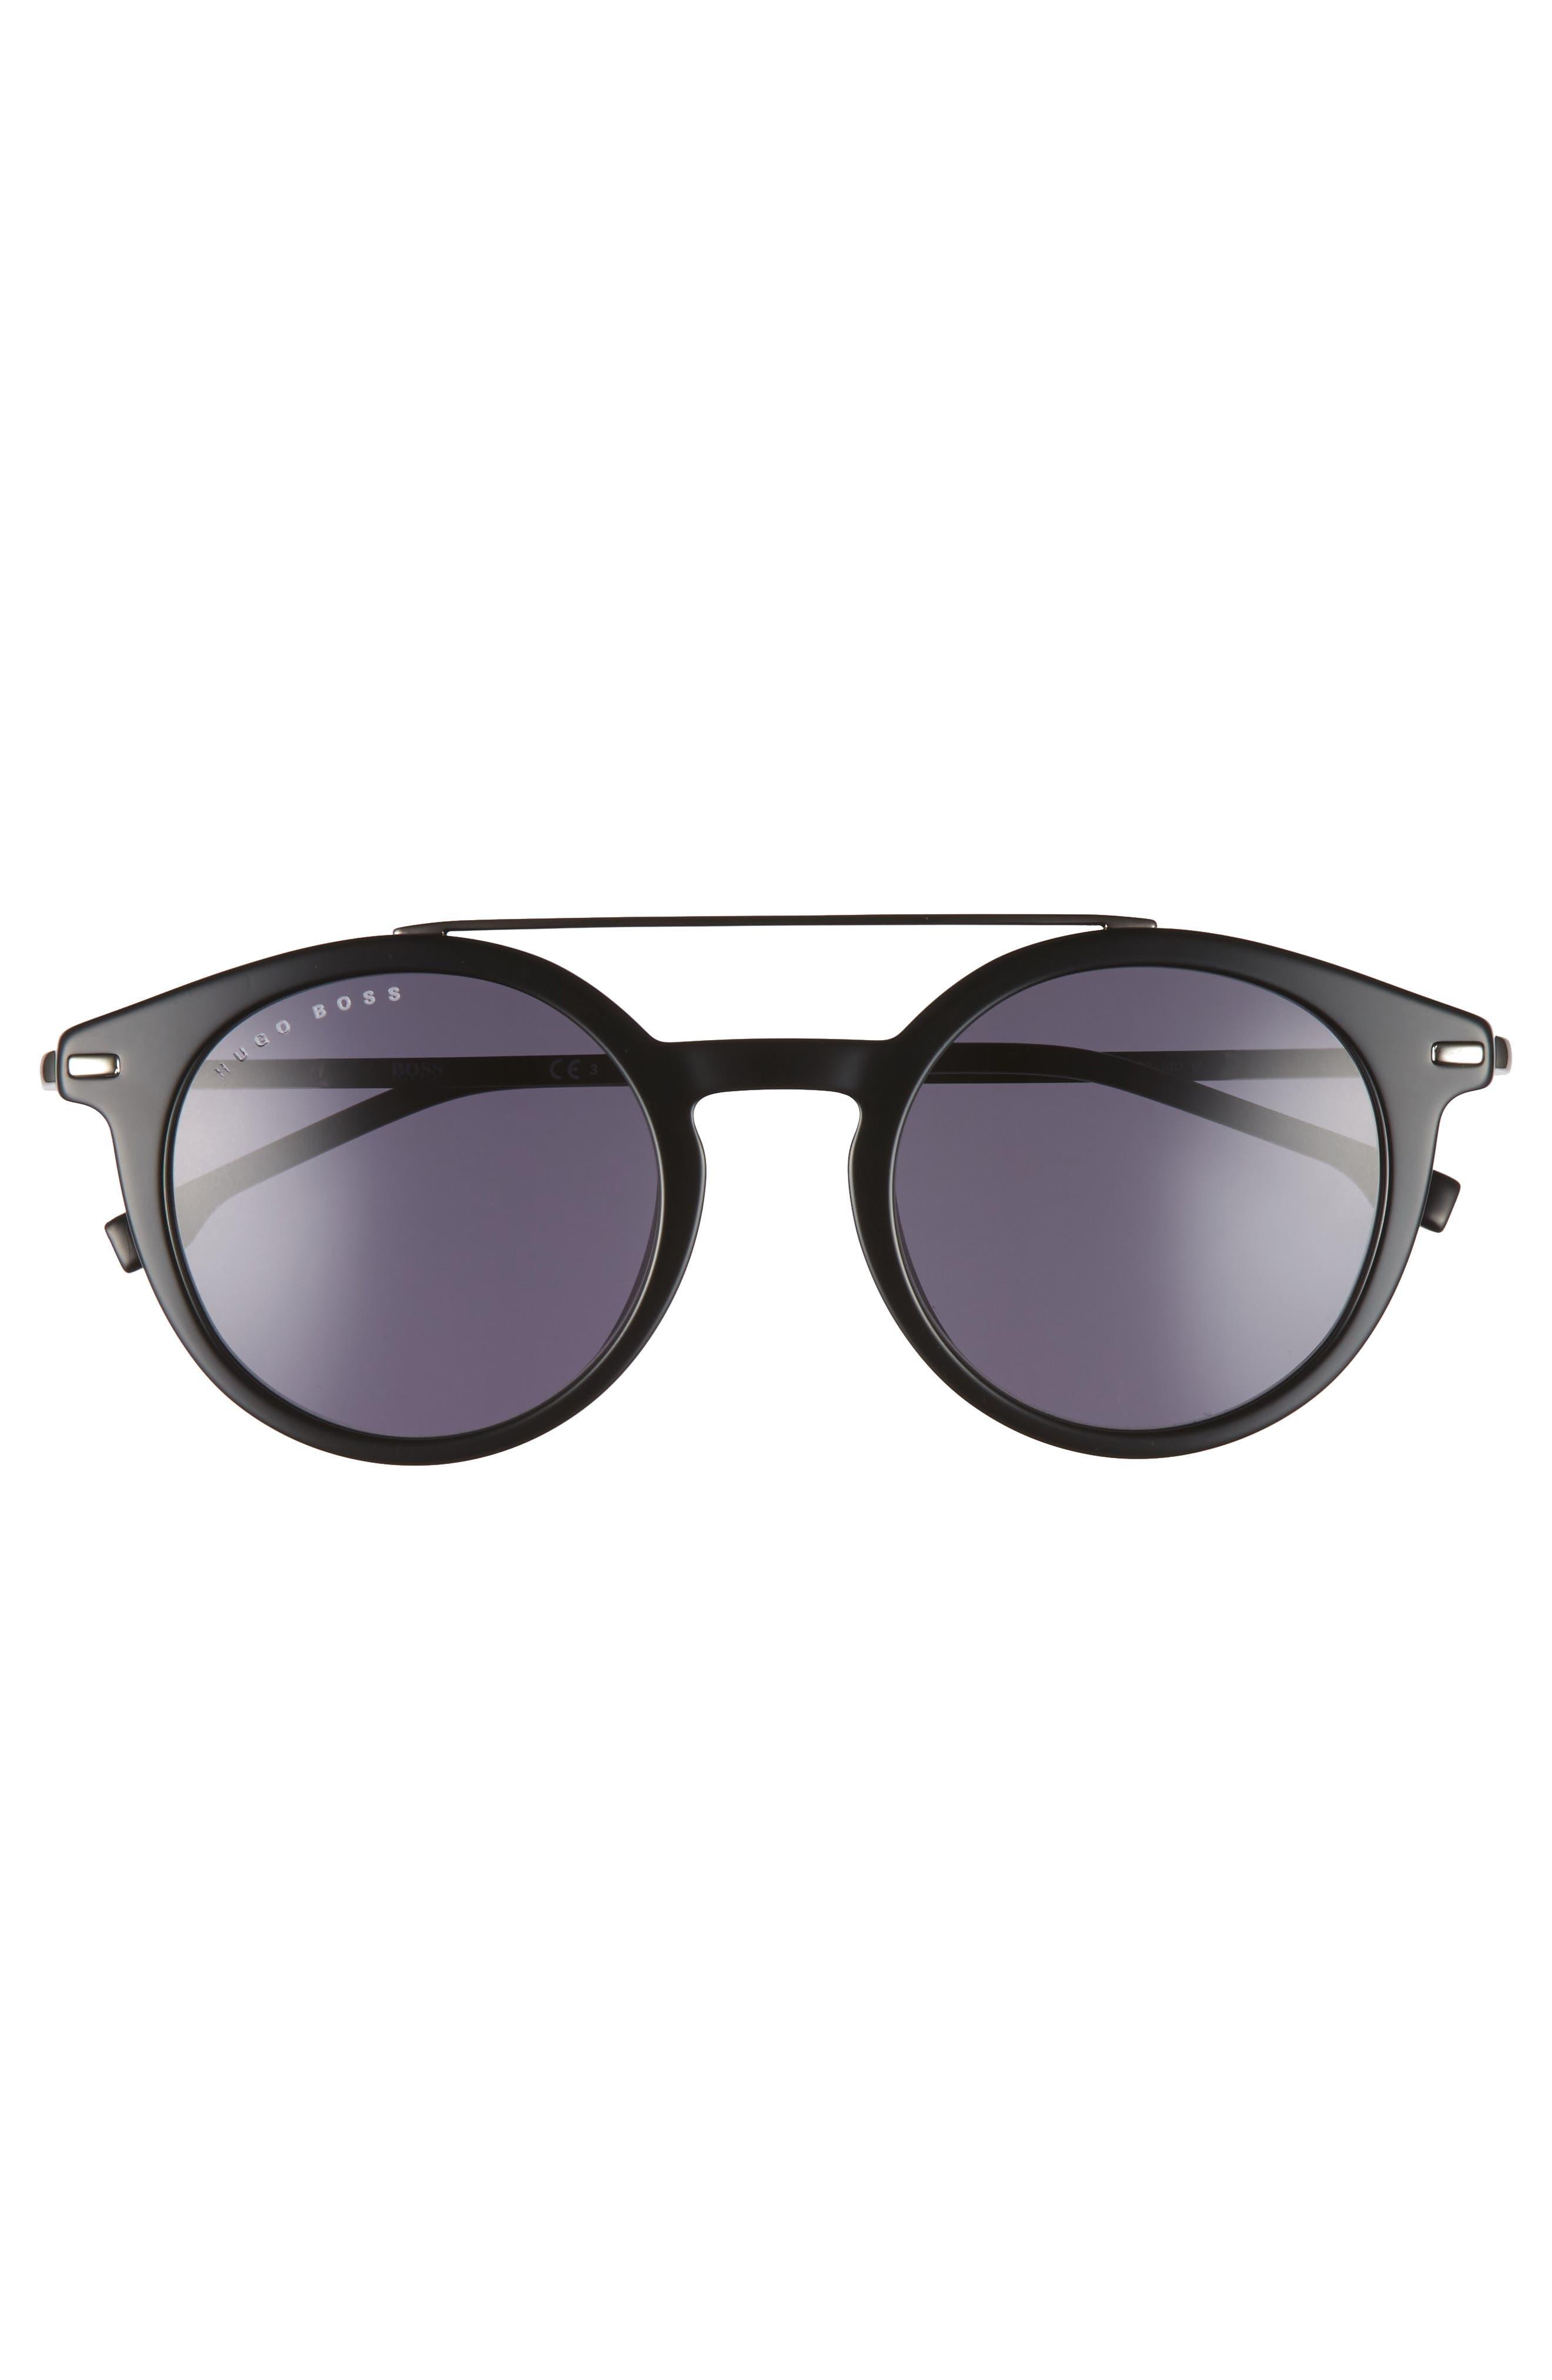 B0926S 49mm Polarized Sunglasses,                             Alternate thumbnail 2, color,                             BLACK